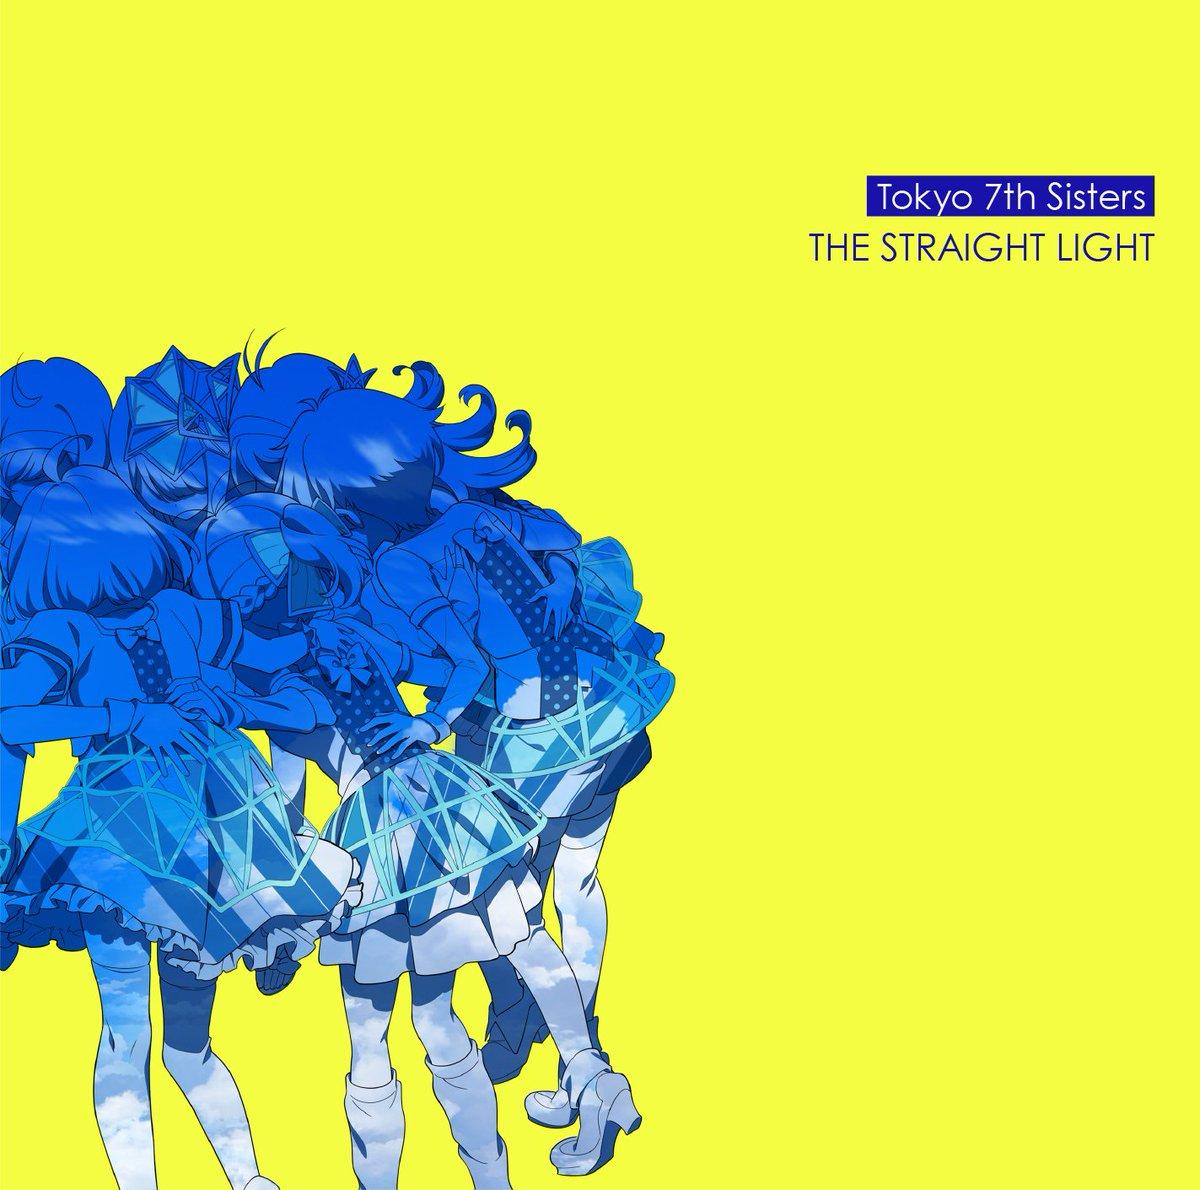 THE STRAIGHT LIGHTに関する画像4